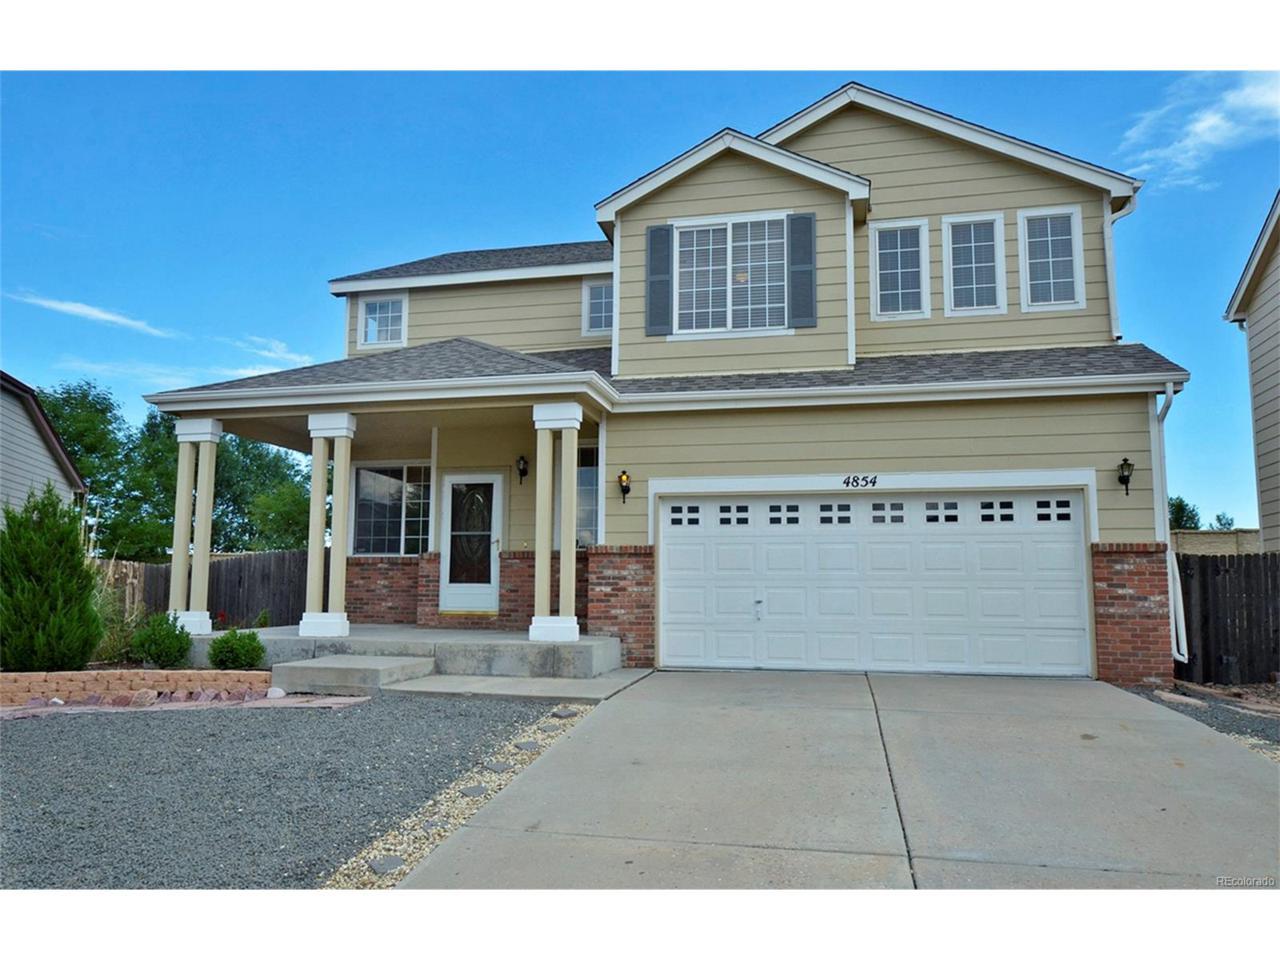 4854 Hawk Meadow Drive, Colorado Springs, CO 80916 (MLS #8231569) :: 8z Real Estate